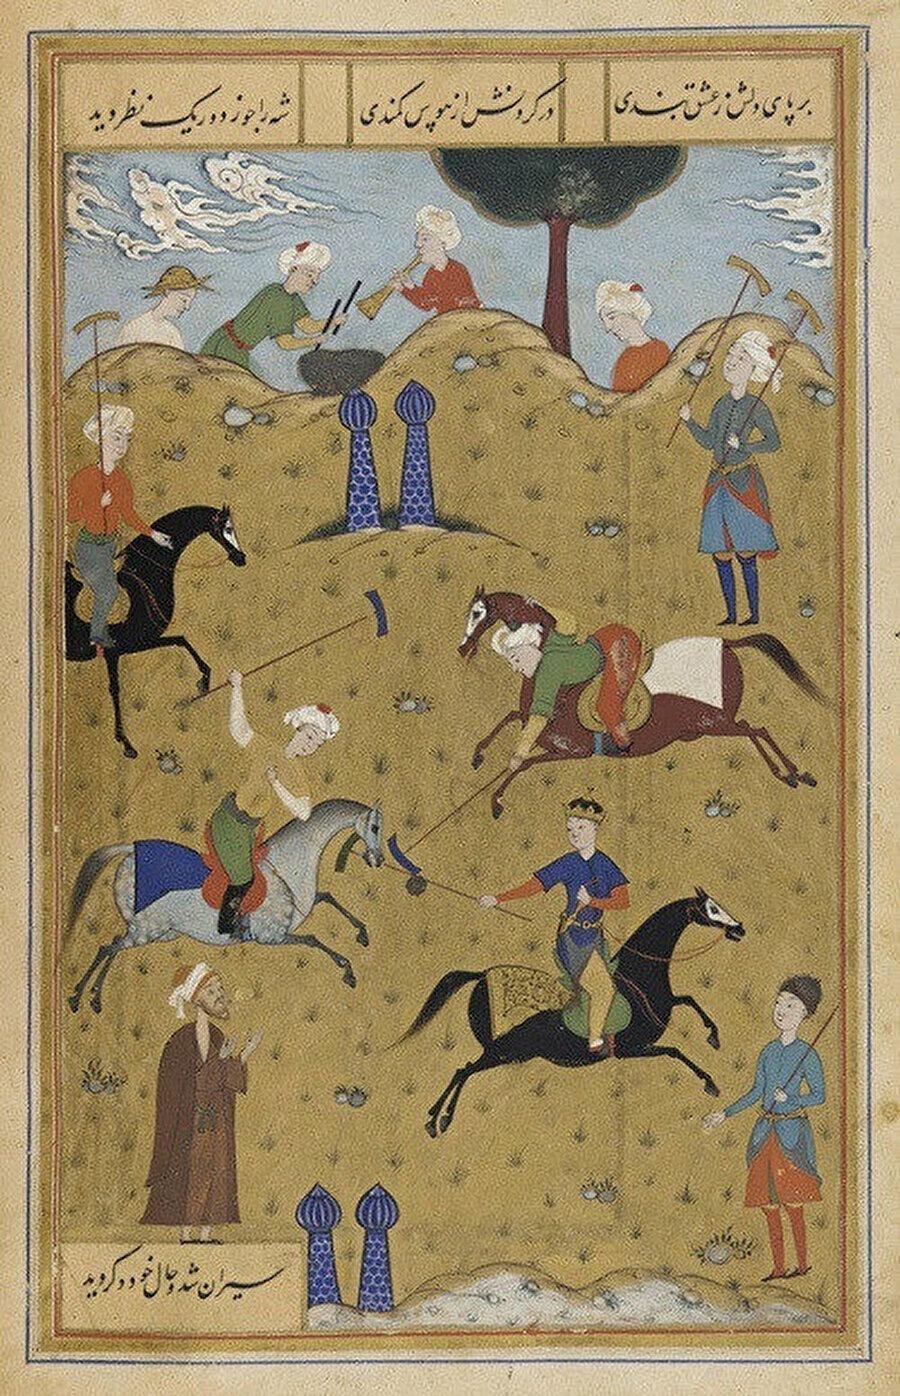 Eski dönemde çevganı konu alan sayısız minyatür çizilmiştir.